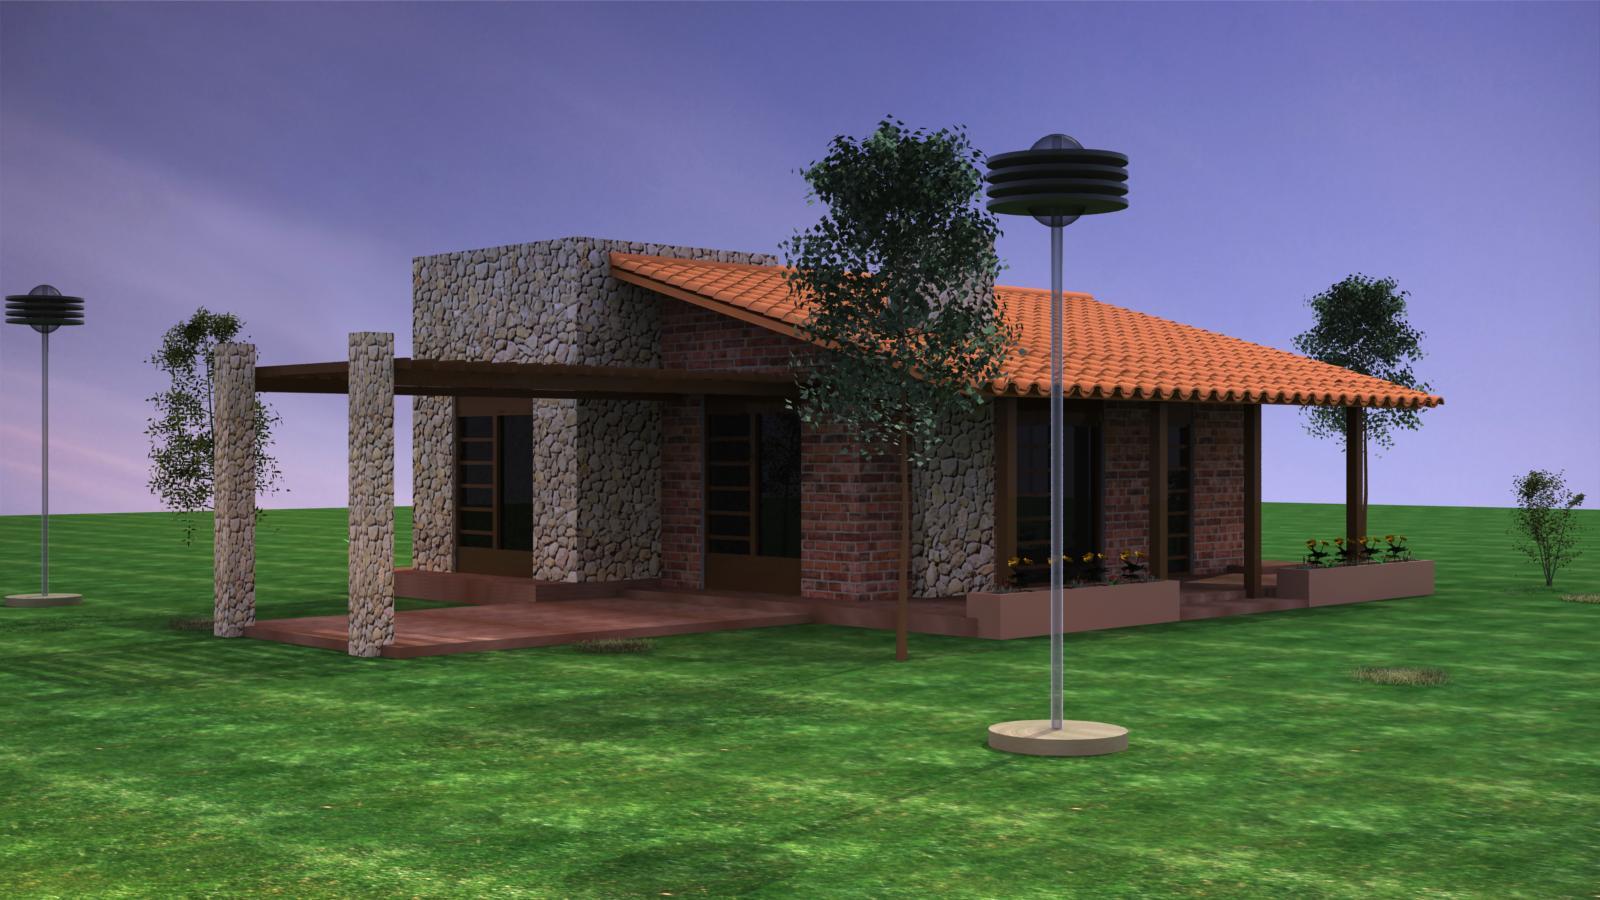 Cherirada fotos de fachadas de casas modernas pequenas - Casas pequenas ...